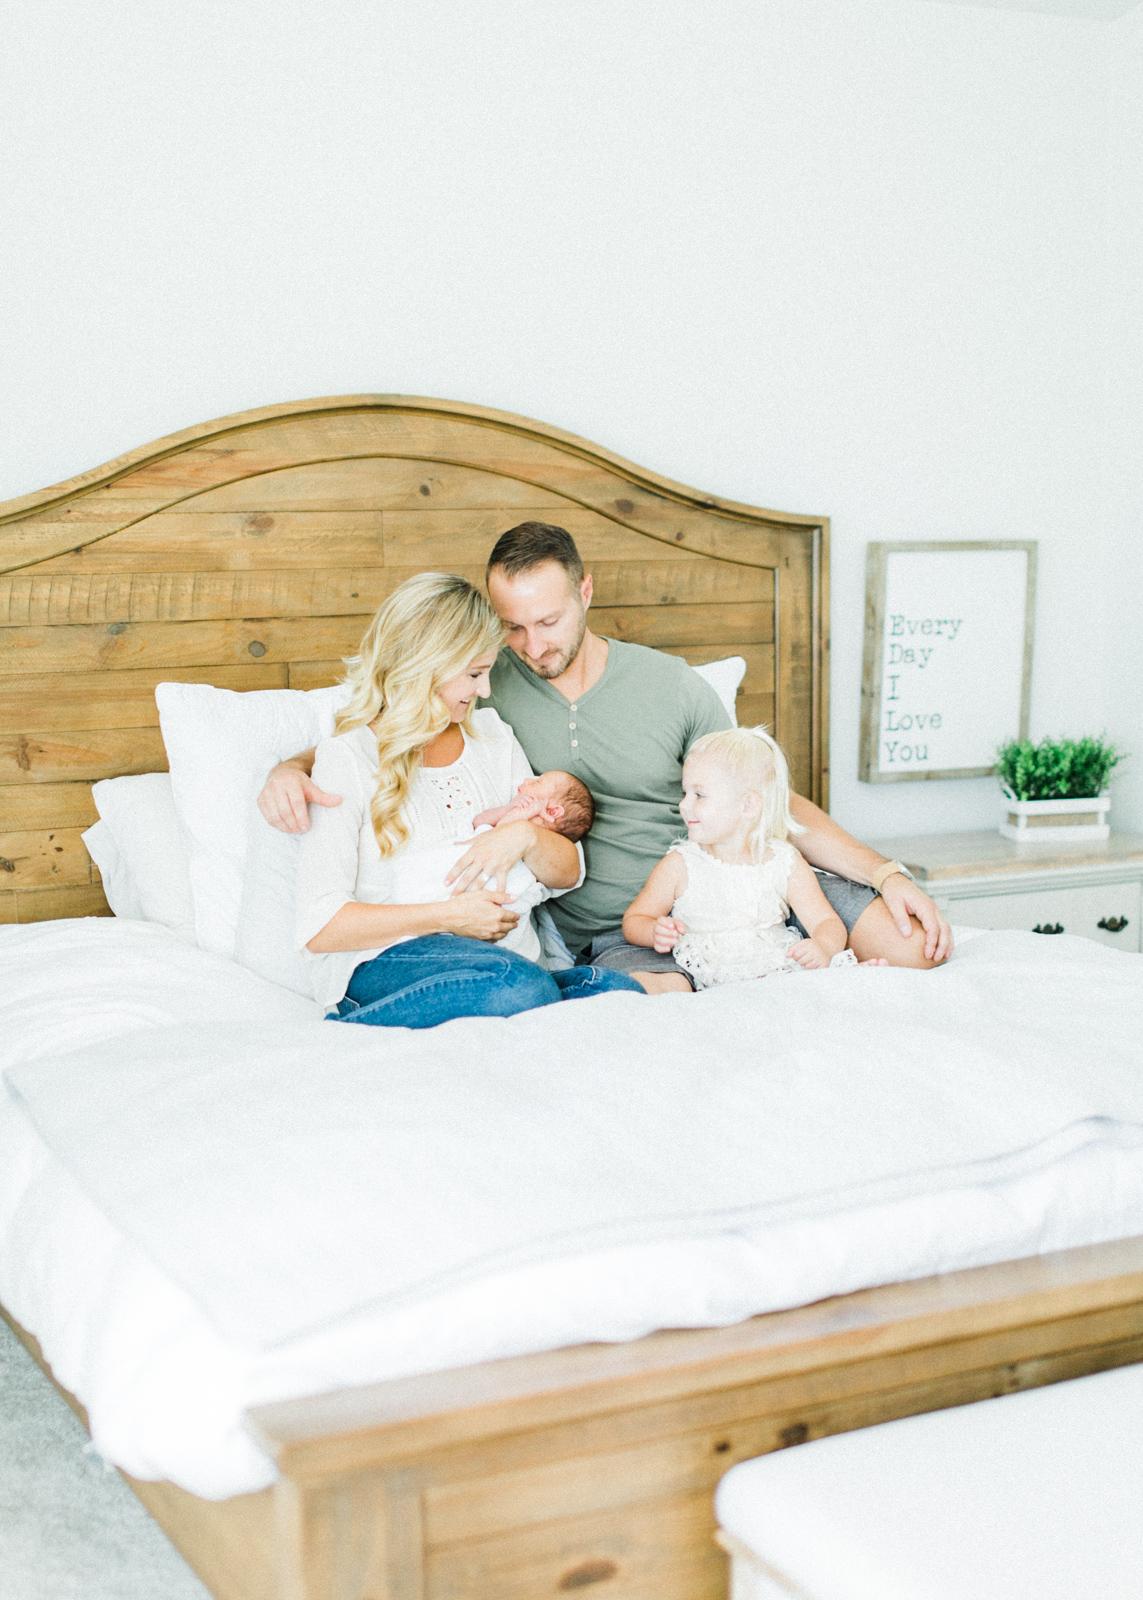 boise-newborn-photographer-9.jpg